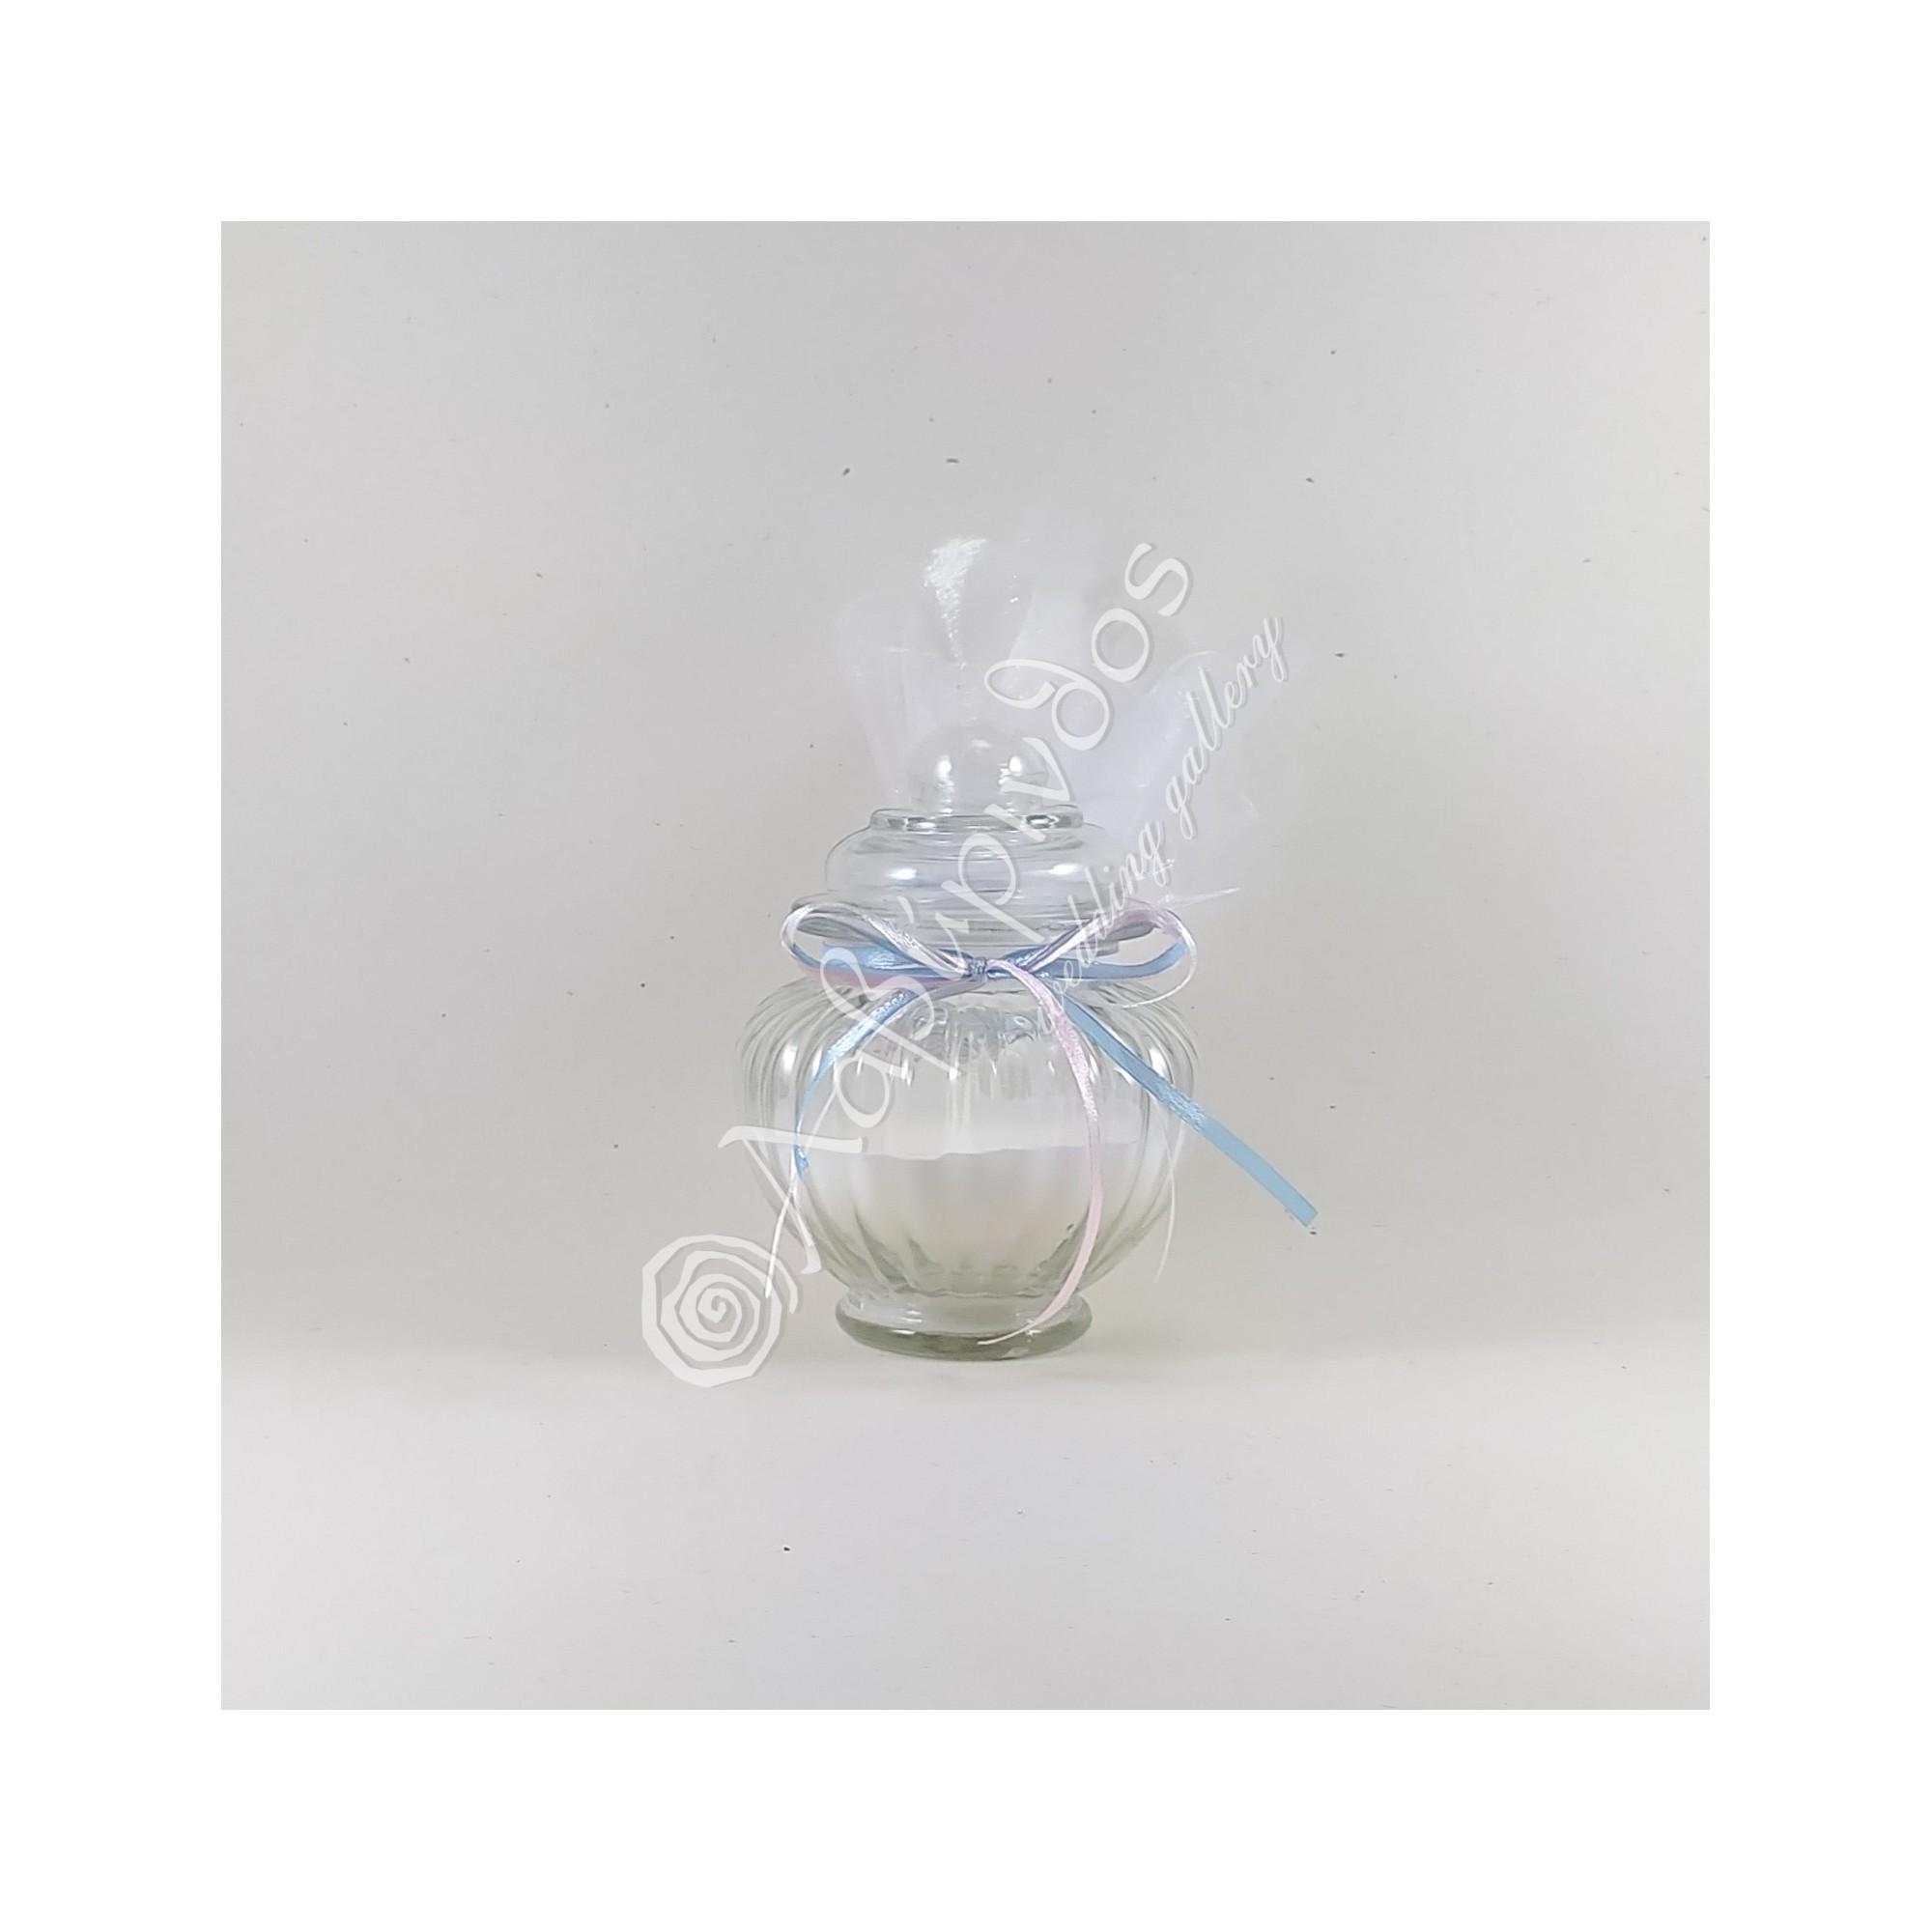 Μπομπονιέρα βάπτισης κερί σε βαζάκι - LWG-12287